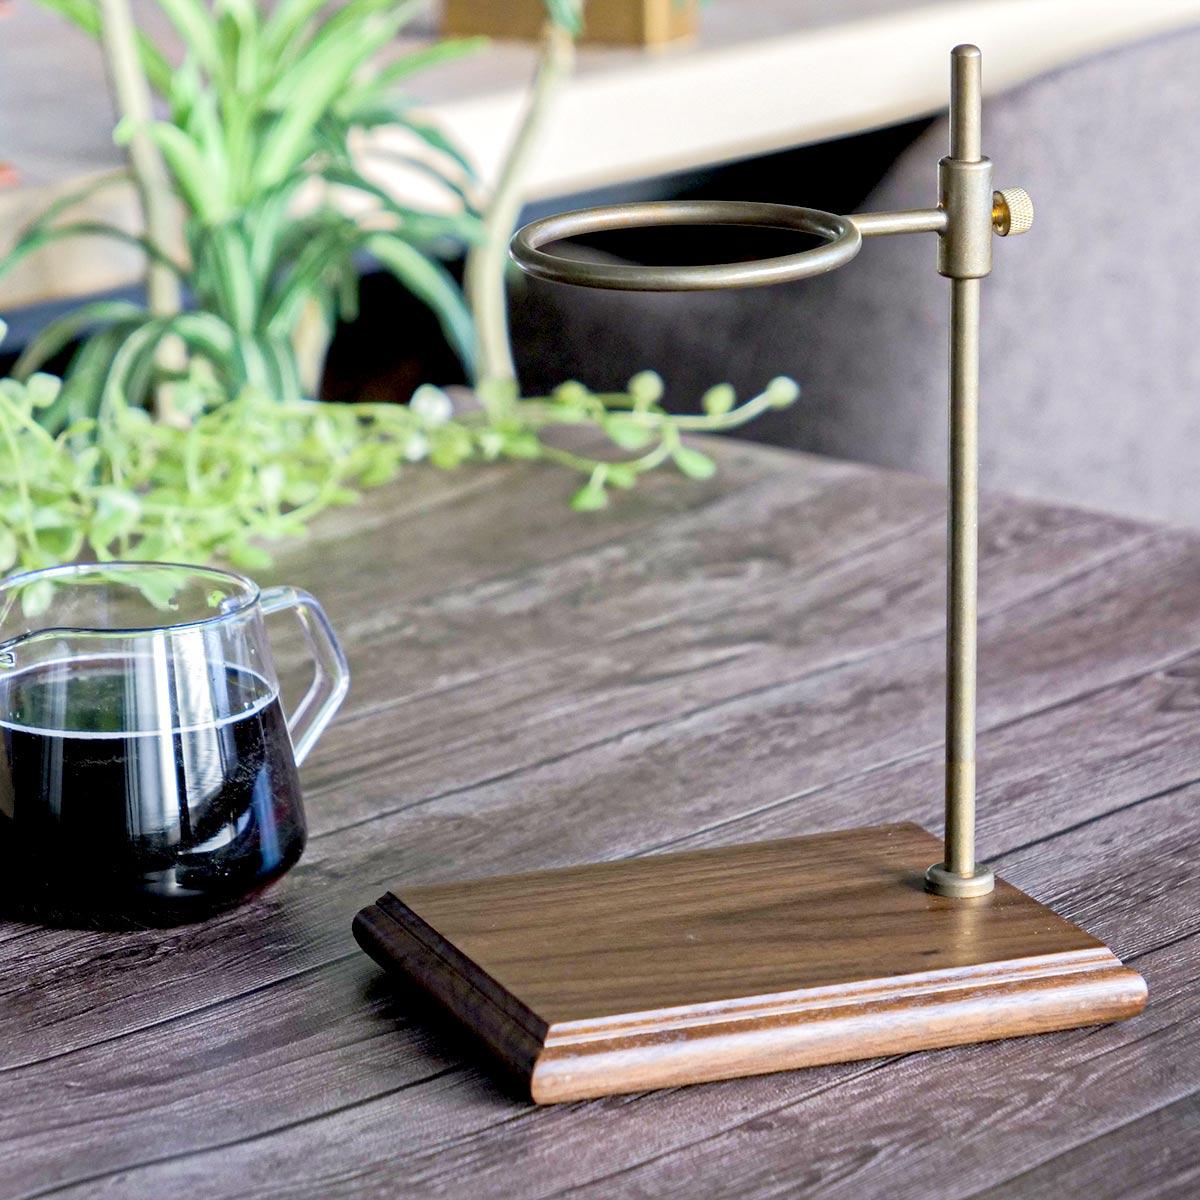 コーヒーメーカー SLOW COFFEE STYLE Specialty ブリューワースタンドセット 4cups ( 送料無料 コーヒードリッパー ガラス製 ブリュワー 食洗機対応 4cup 4カップ用 コーヒーウェア ) 【3900円以上送料無料】